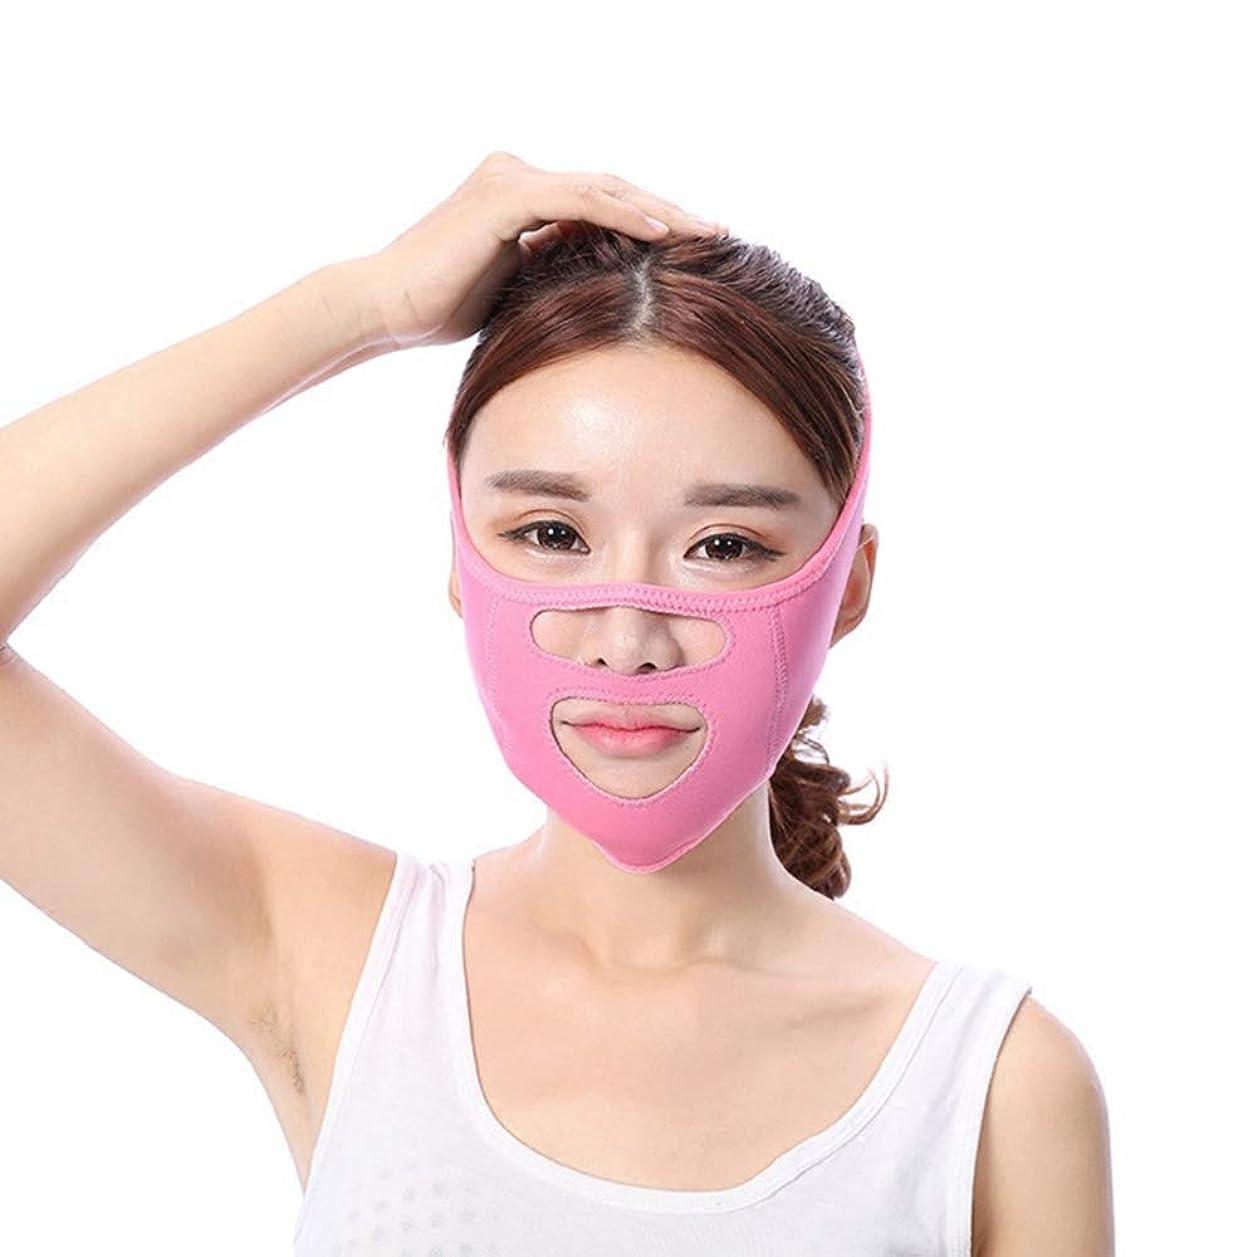 フェイスリフトベルトフェイスバンデージ美容機器リフティングファインディングダブルチン法令Vマスク睡眠マスク通気性 美しさ